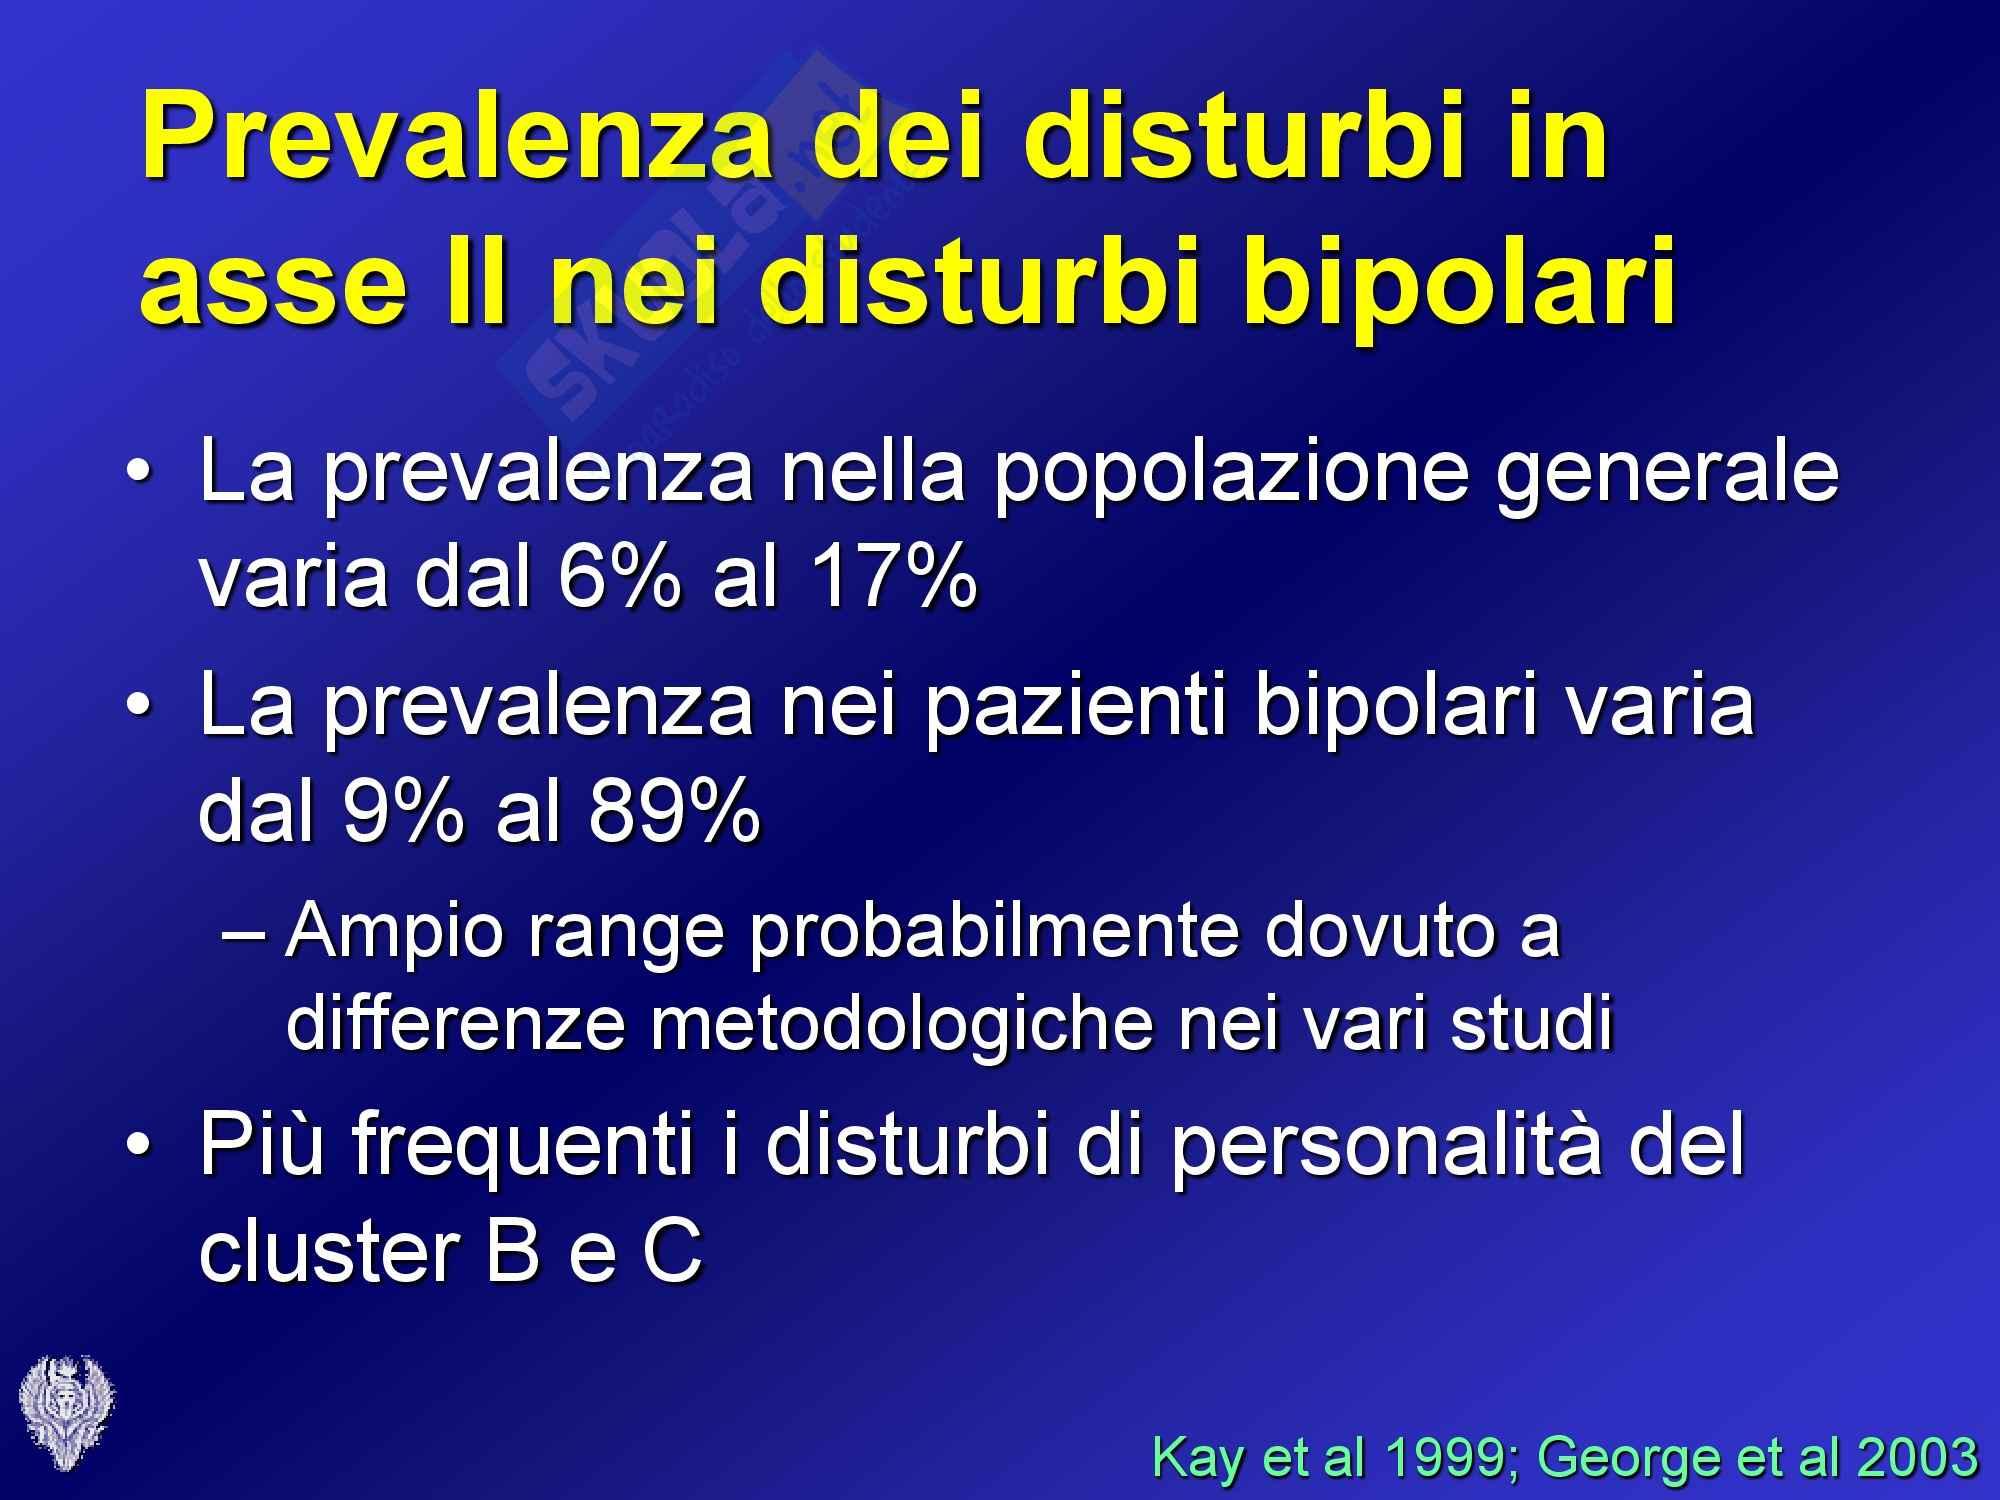 Psichiatria - disturbo bipolare Pag. 46